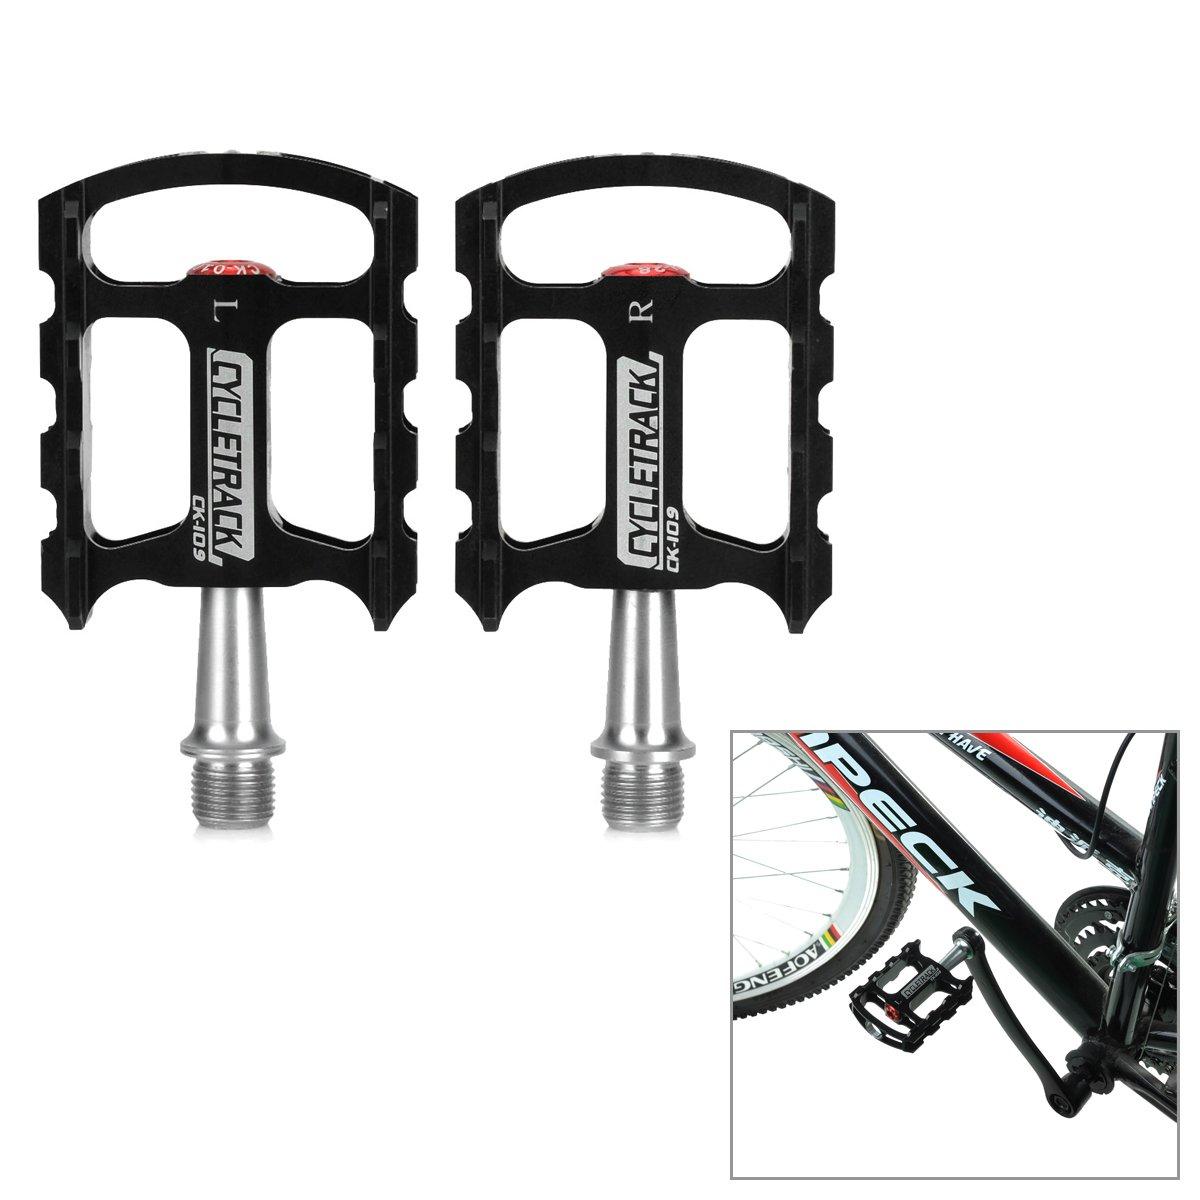 軽量CNCアルミニウム自転車ペダル – ブラック+シルバー( 2個) B0793LGGG4